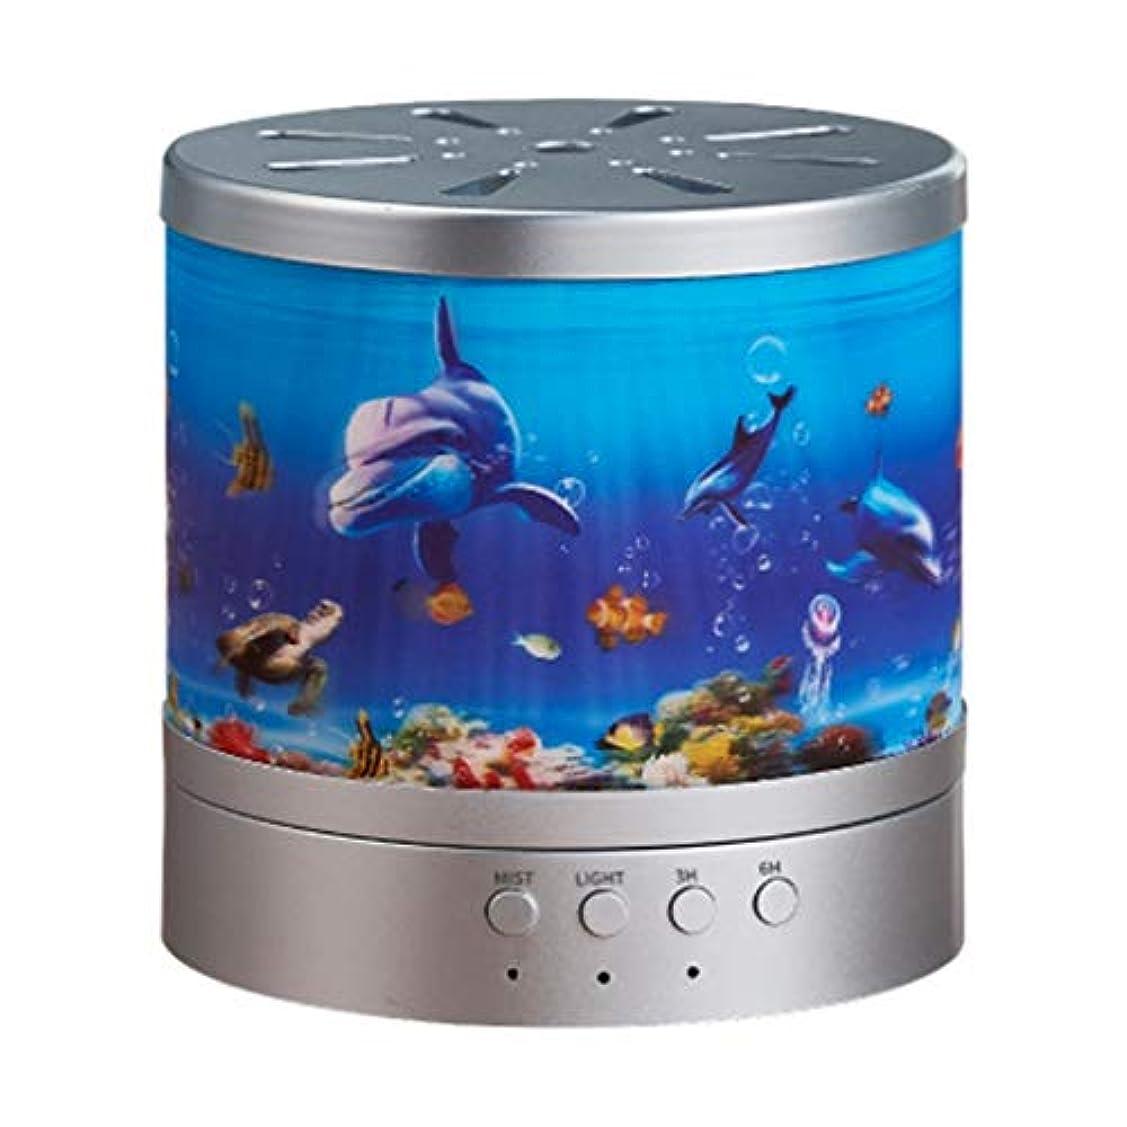 コントローラノーブル寄託精油のための海洋の主題の拡散器超音波涼しい霧の加湿器、水なしの自動シャットオフおよび7つの色LEDライトは内務省のために変わります (Color : Silver)